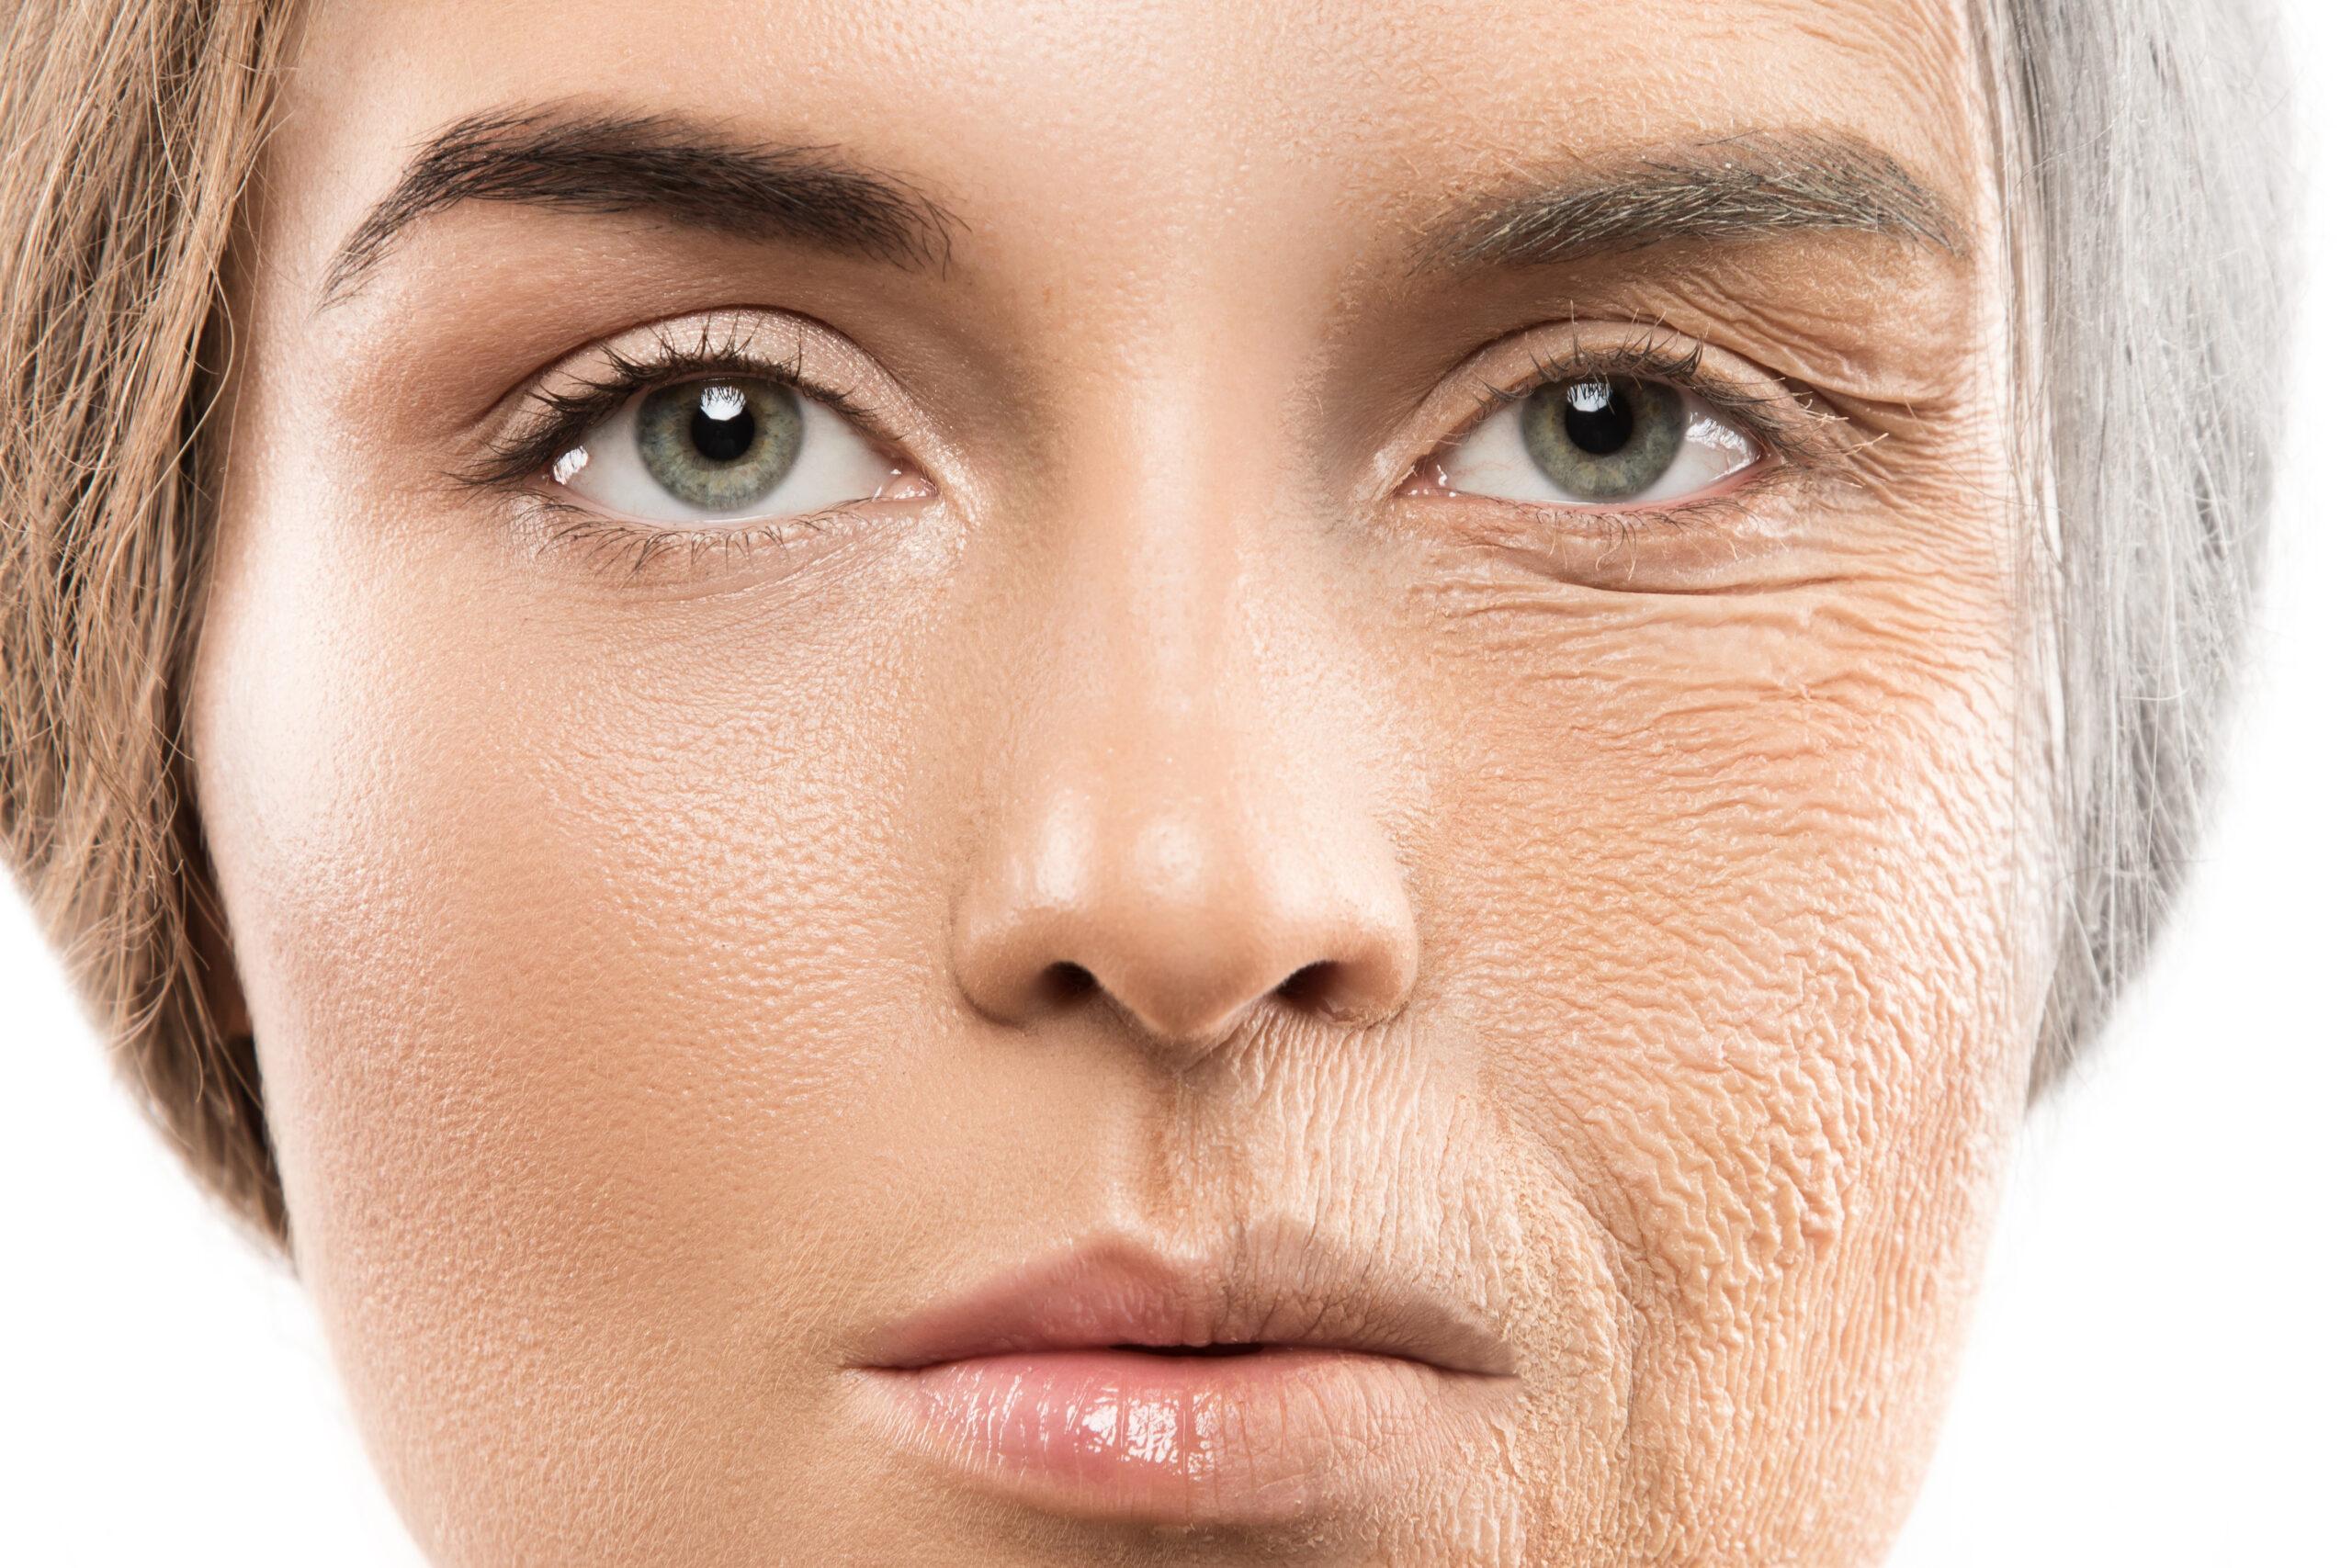 Los antioxidantes y el colágeno demuestran la evolución de la piel.